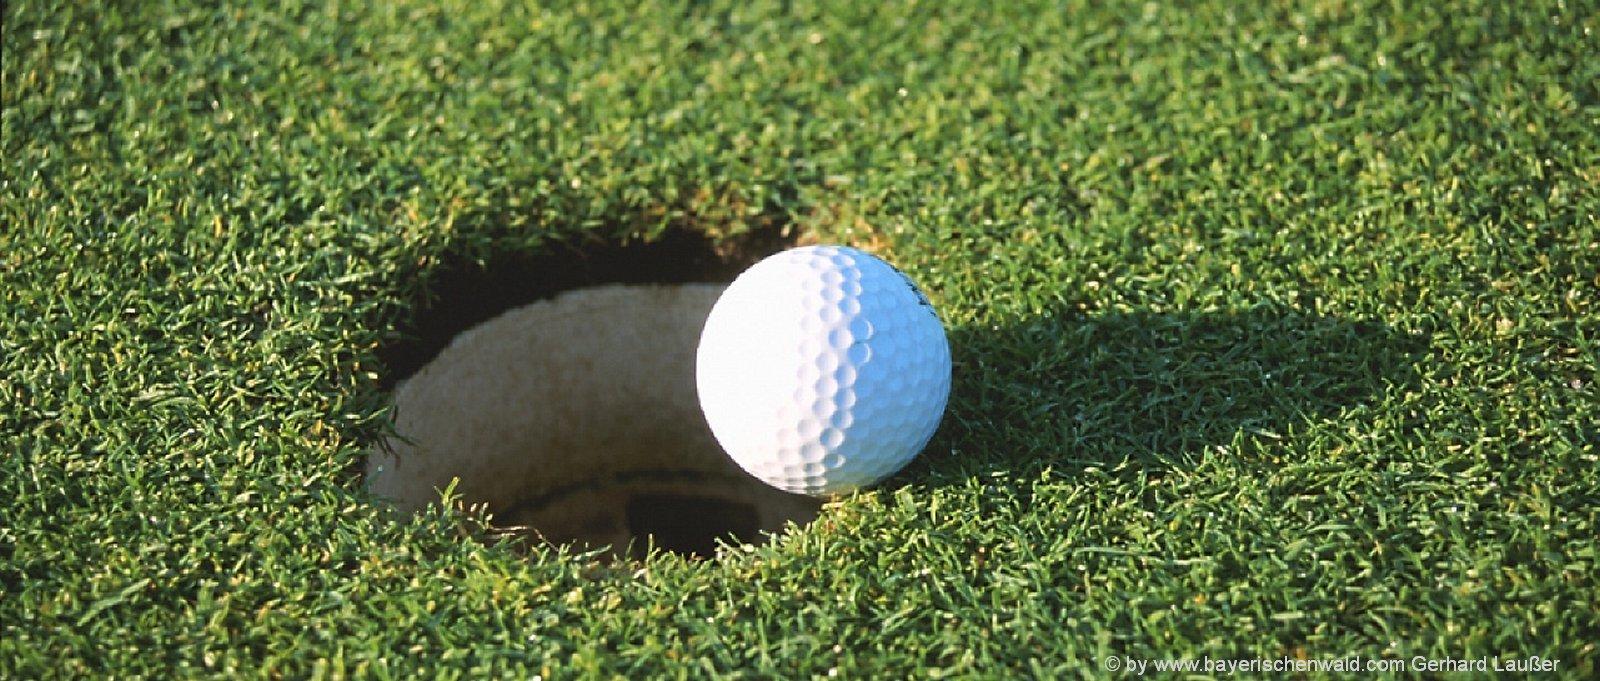 golfurlaub-oberpfalz-golfplatz-niederbayern-golfen